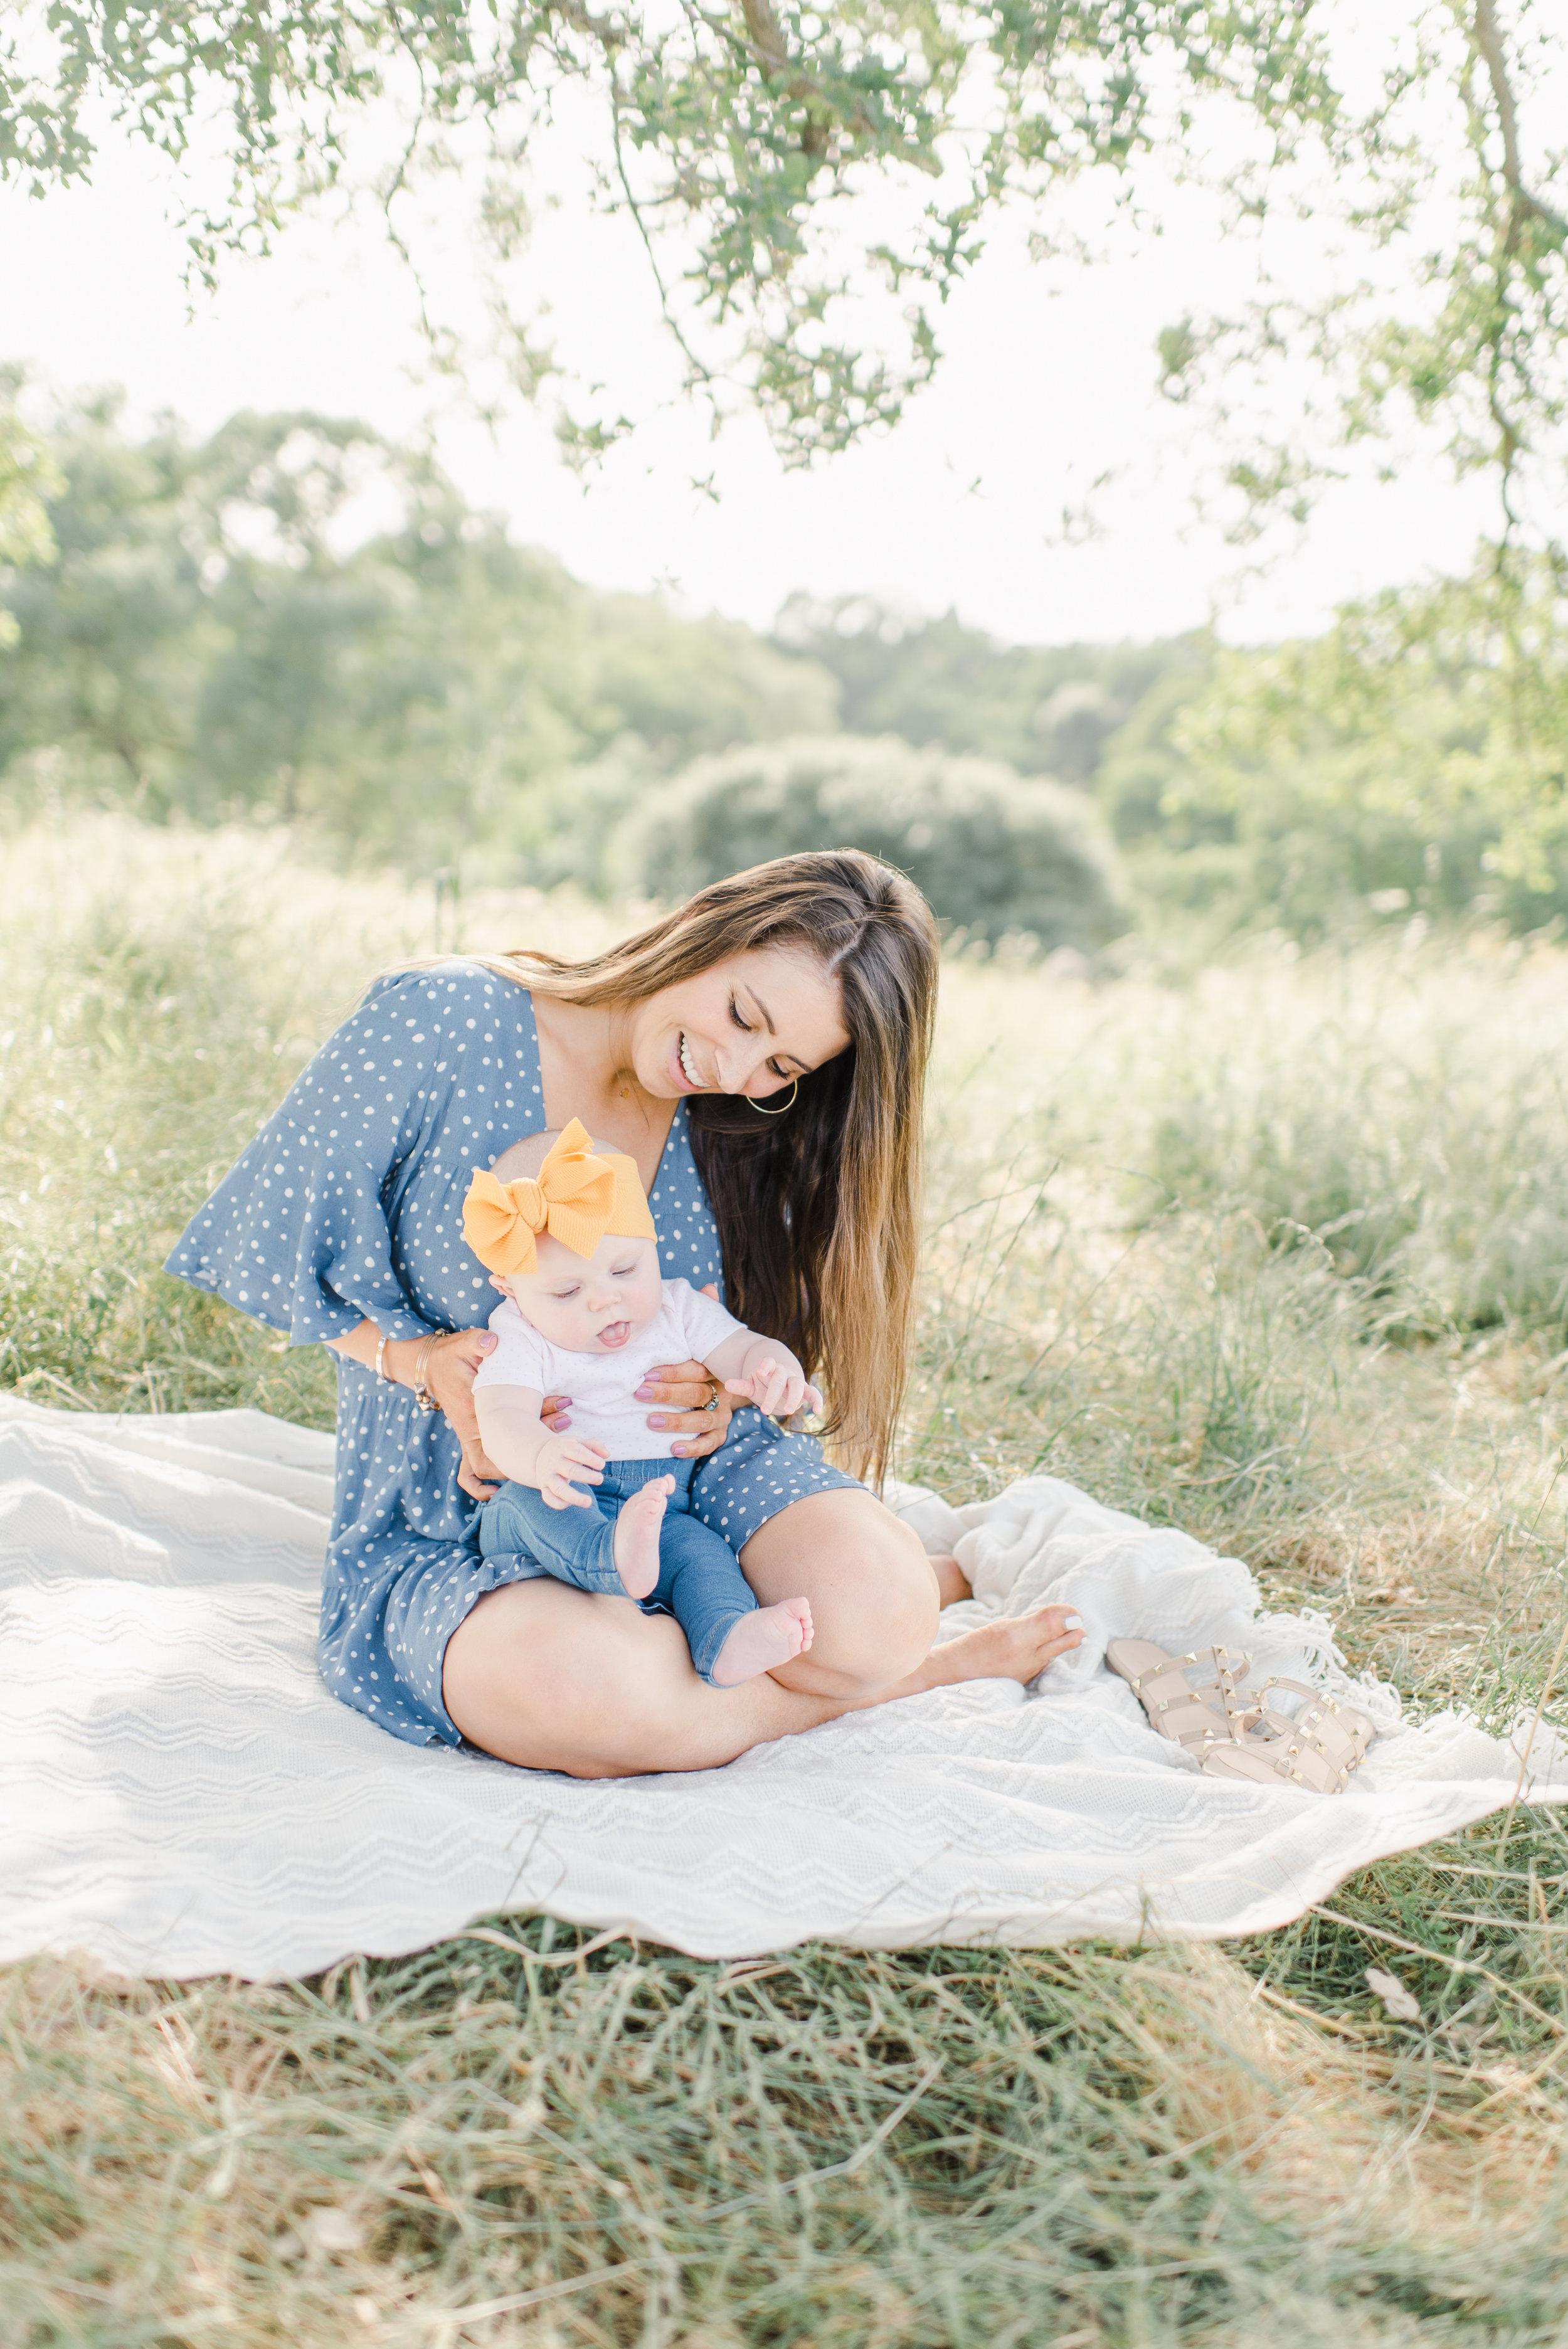 Allie-Leja.Motherhood-Mini.DeniseApgarPhotography-10.jpg